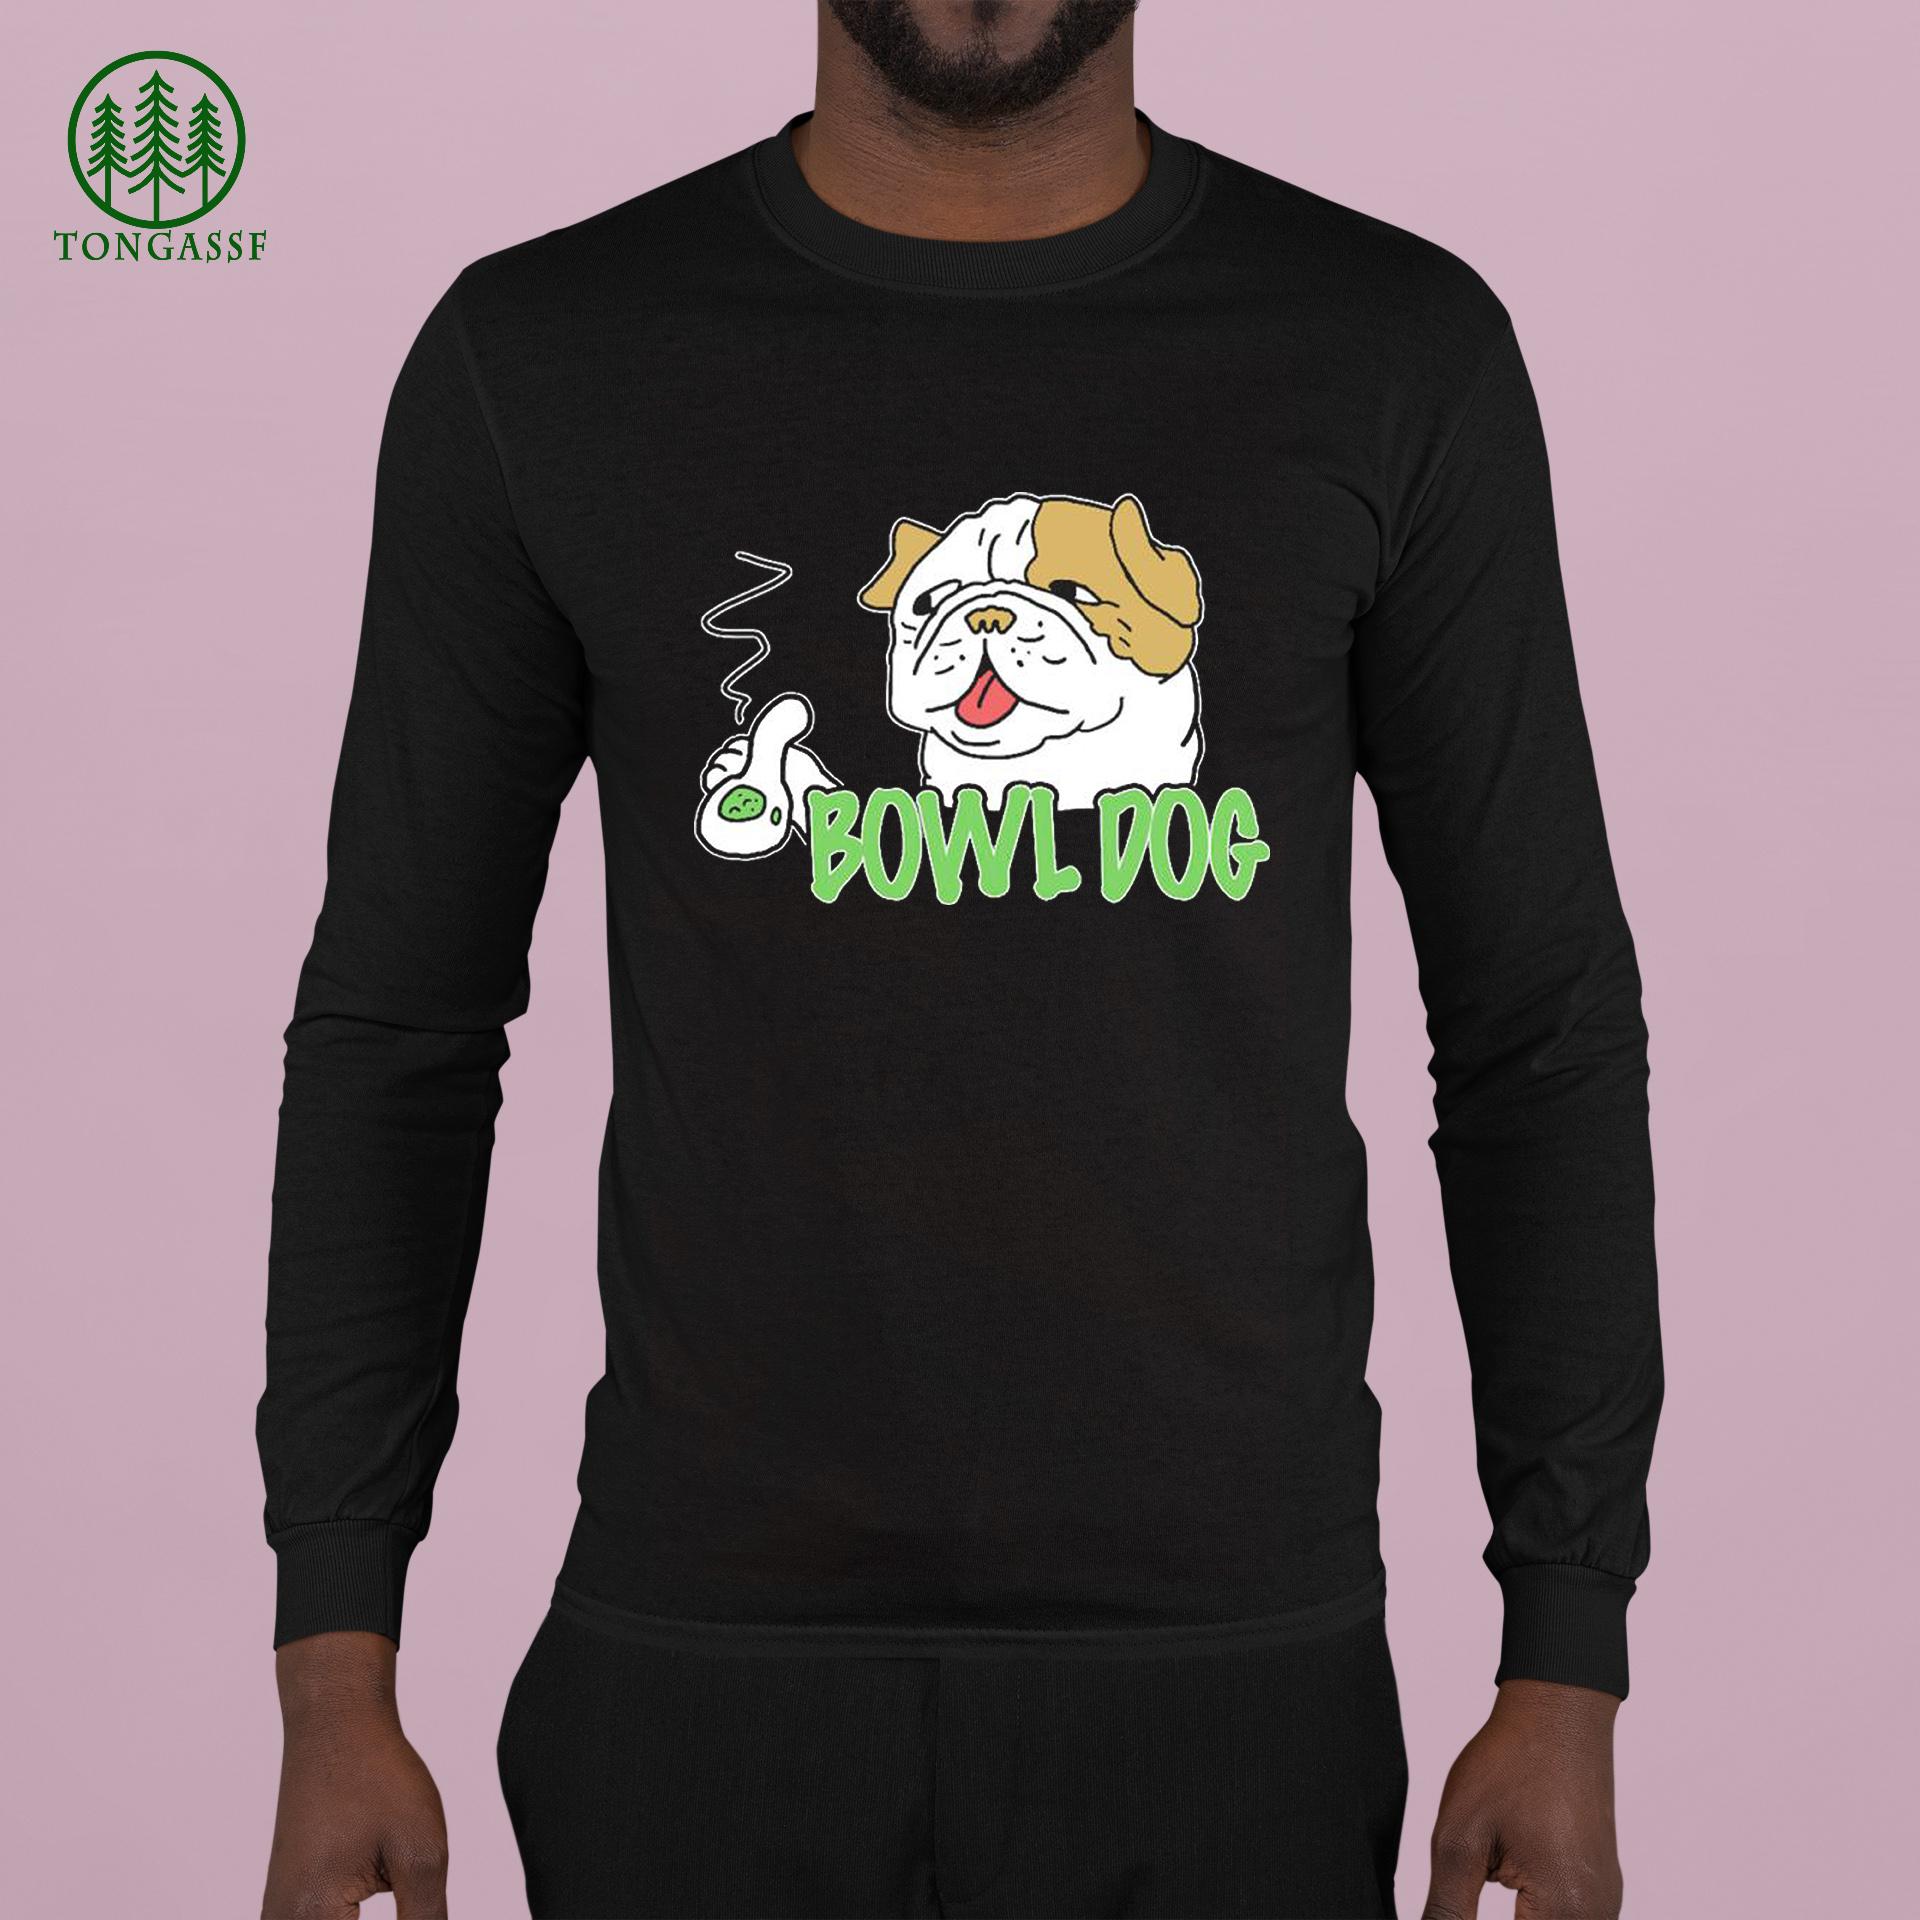 Smoke bowl dog Shirt